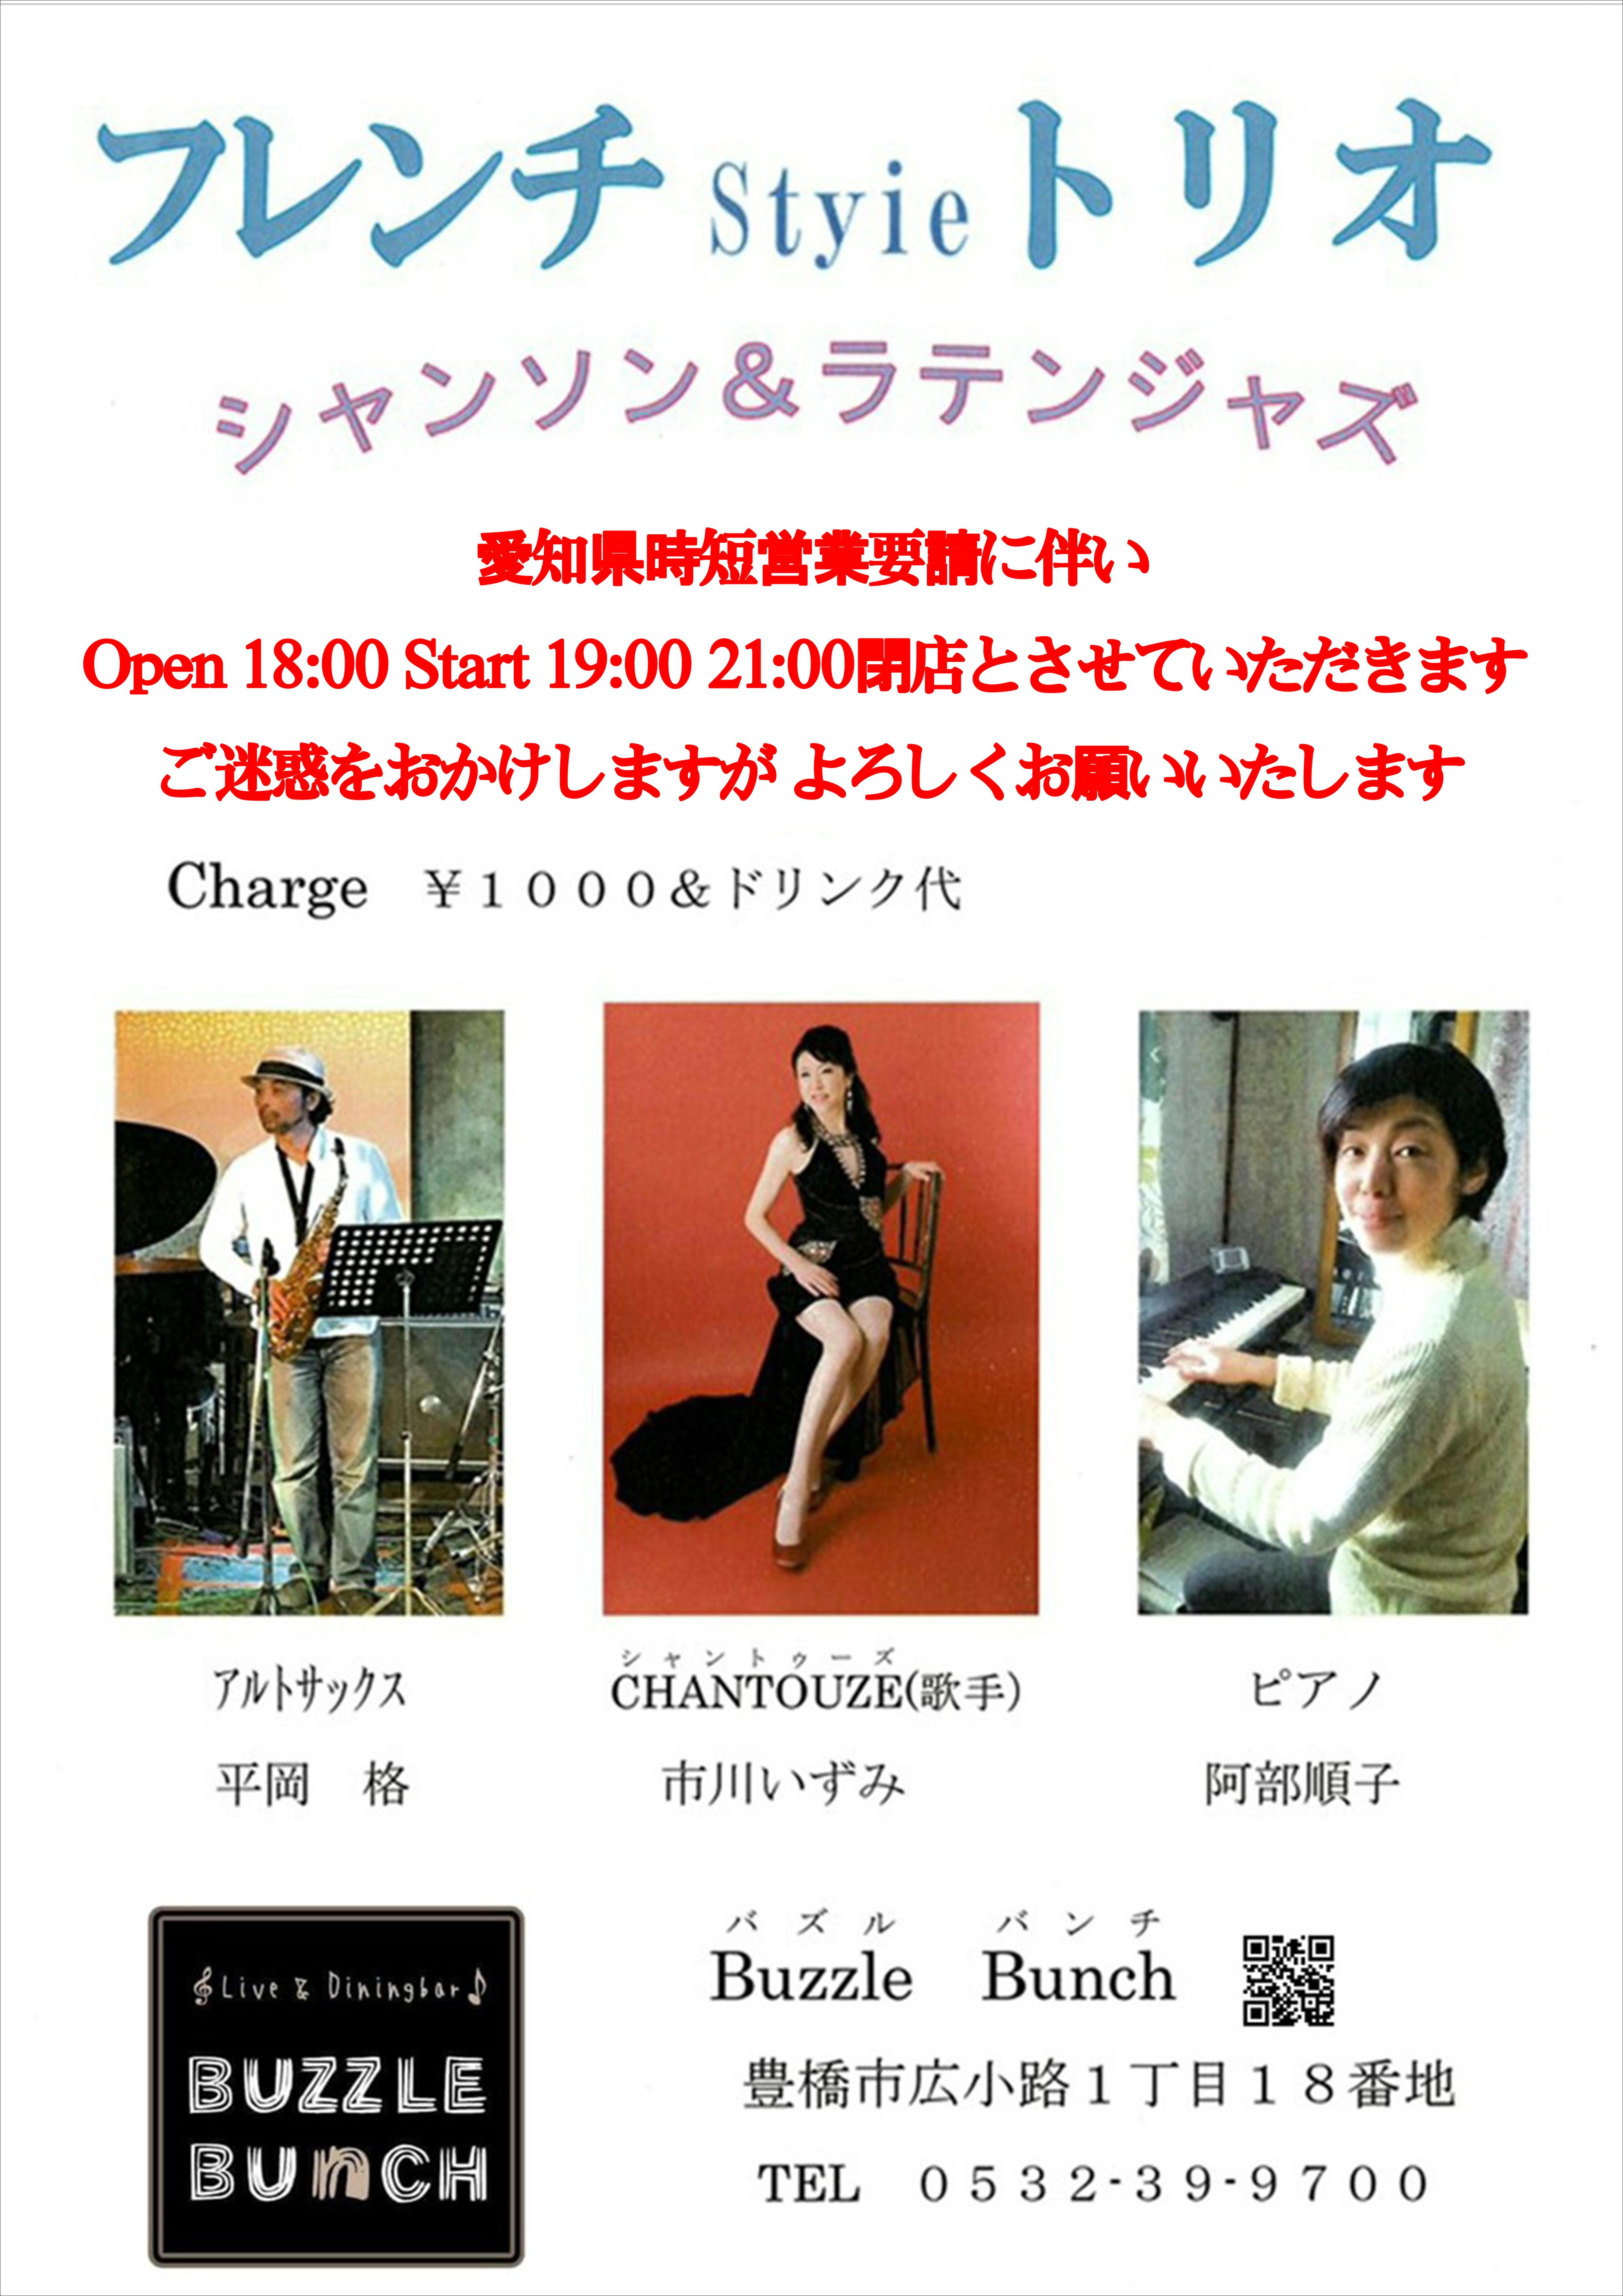 愛知県、時短営業要請によるライブ開催時間変更についてのお知らせ